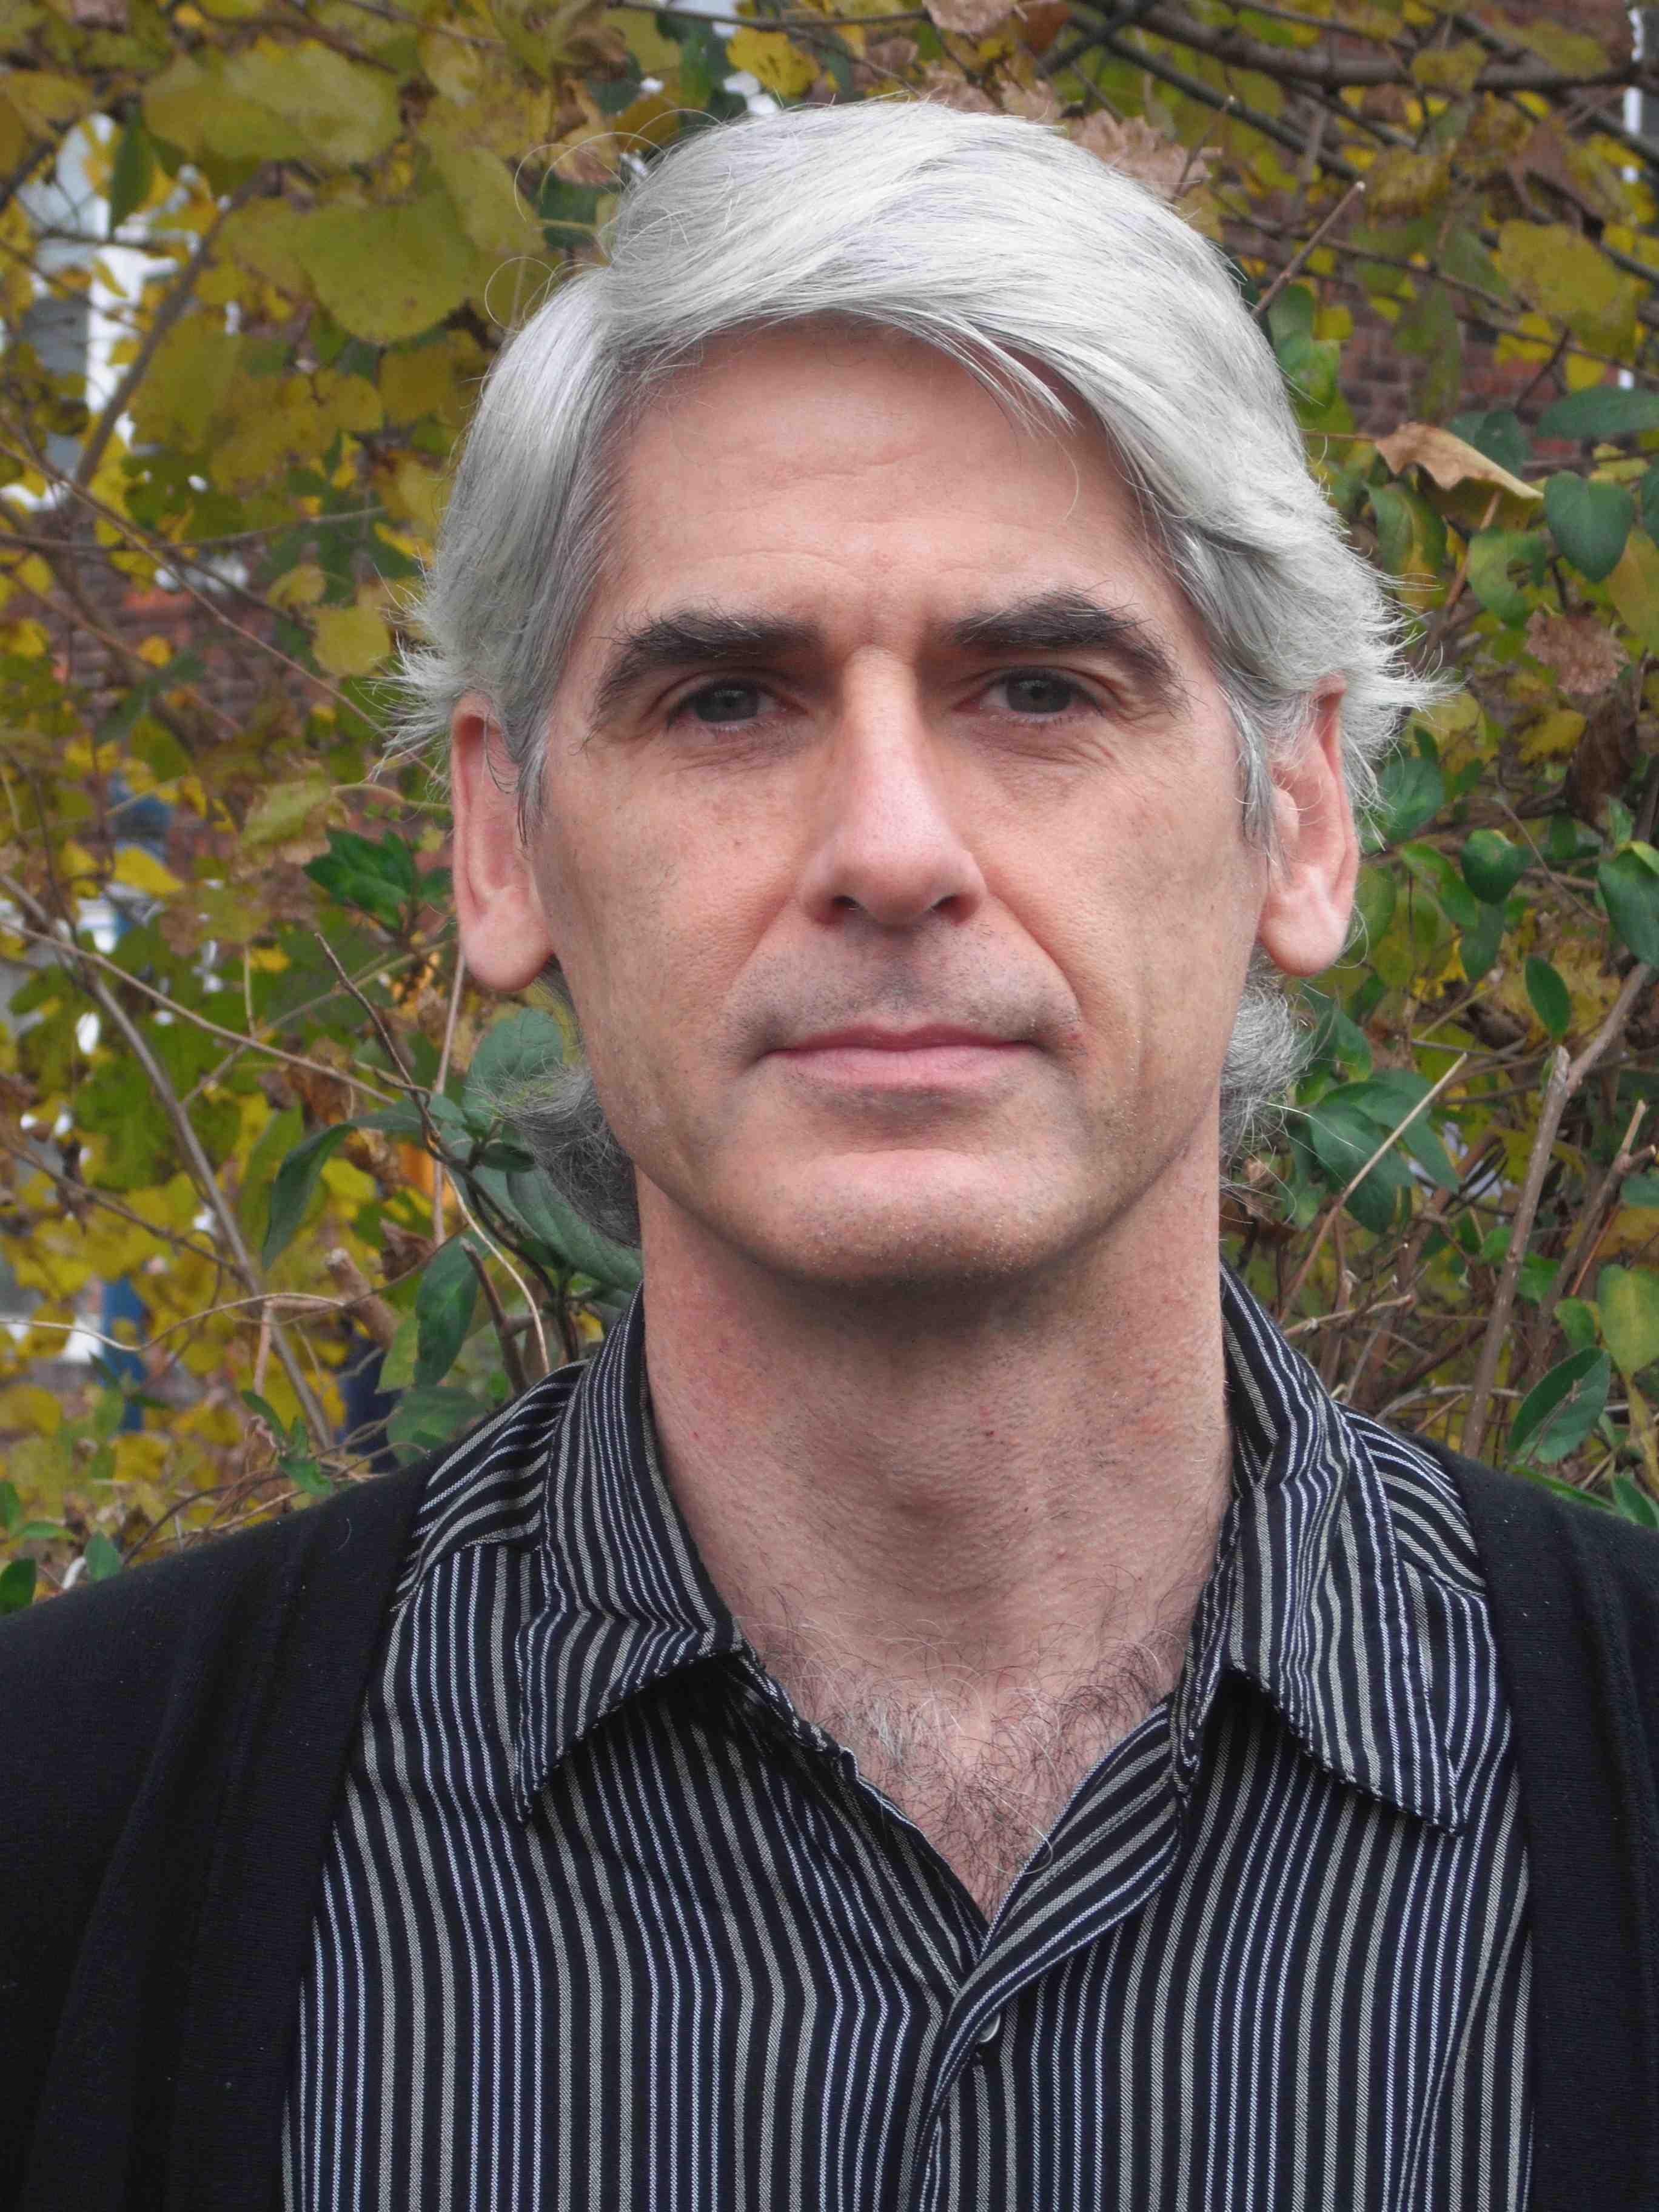 Jim Ray Daniels